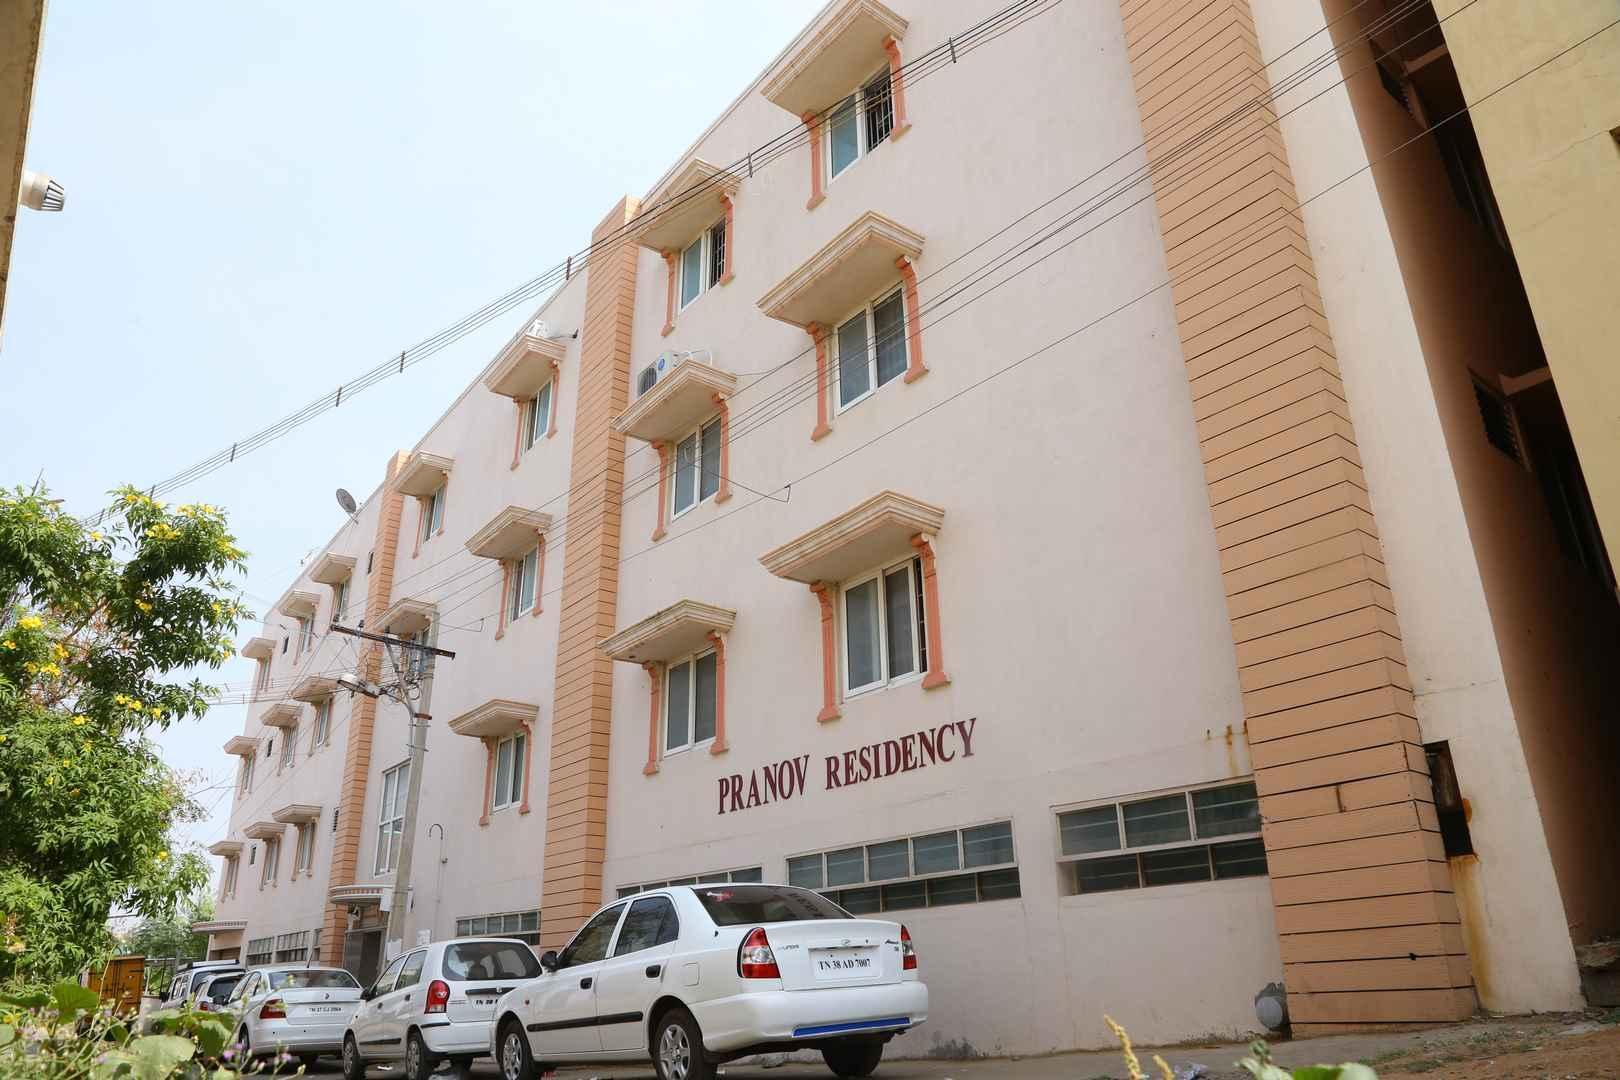 Pranov Residency